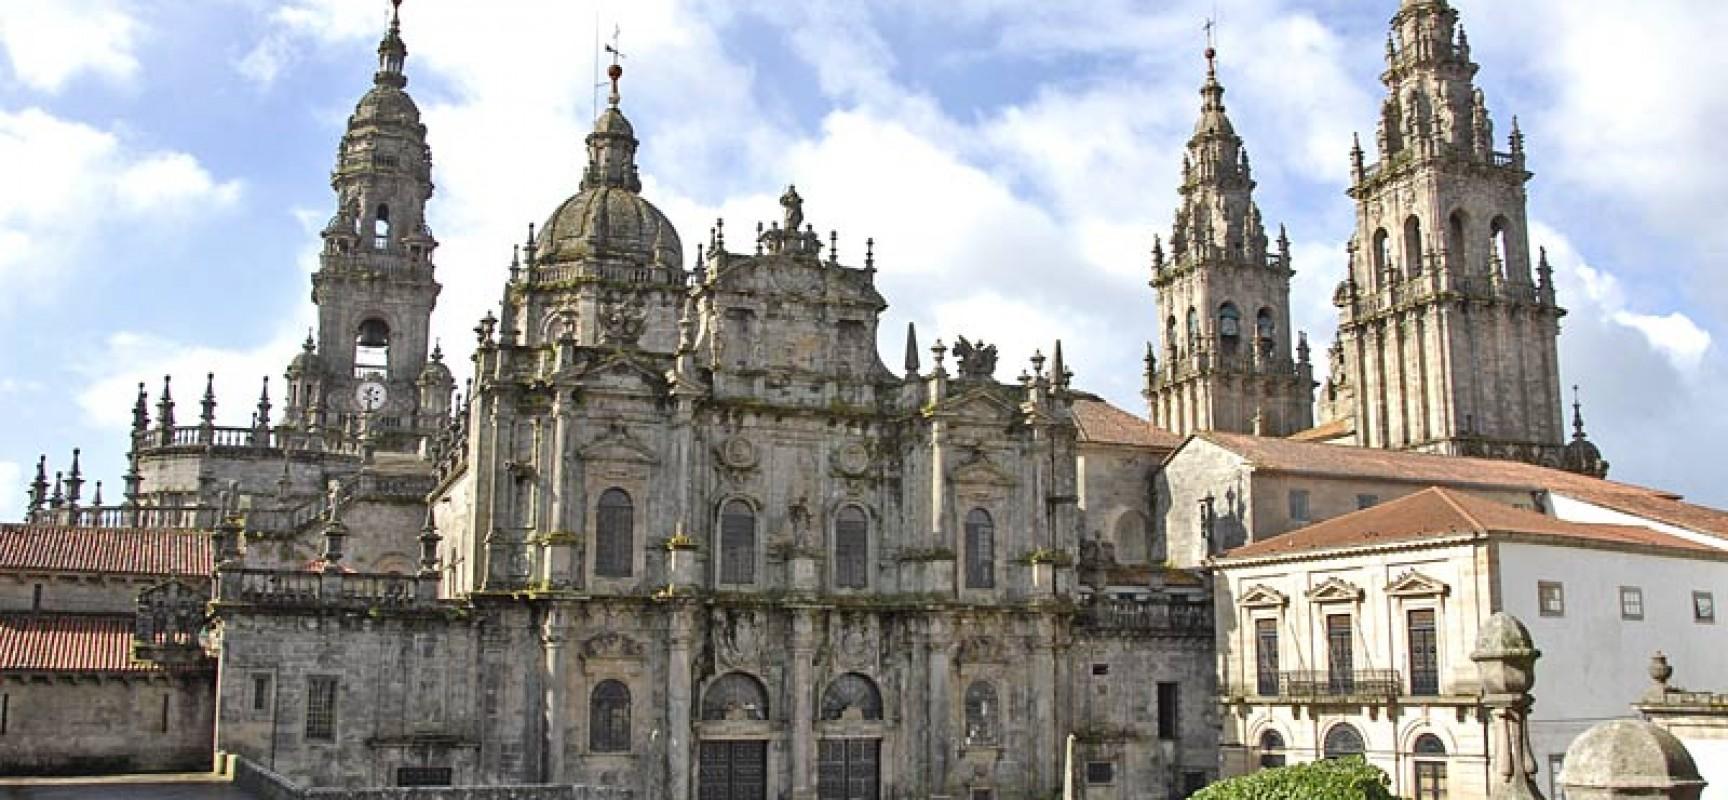 Santiago de Compostela, Spain Travel Guide | Travel Featured